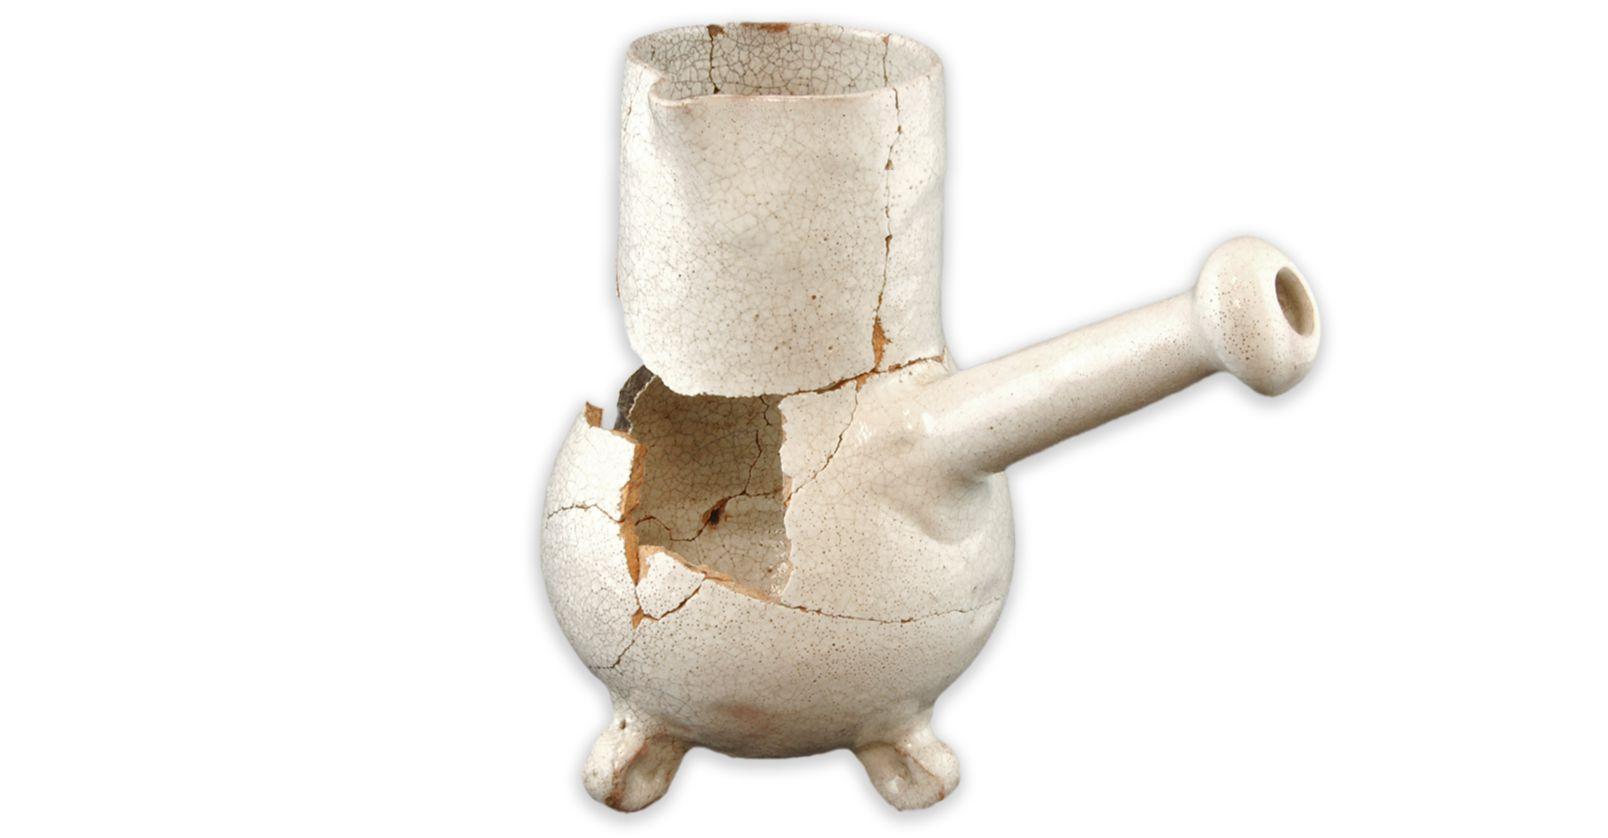 Cafetière ou chocolatièreMCC/LRAQ, photo: Catherine CaronLatrines de la maison Perthuis. Vers 1699-1750Faïence blanche, France. Les Français apprécient le café au déjeuner, noir ou avec du lait. Du café en provenance des Antilles françaises, il va sans dire. Le thé n'a pas encore la faveur des résidents de Place-Royale.